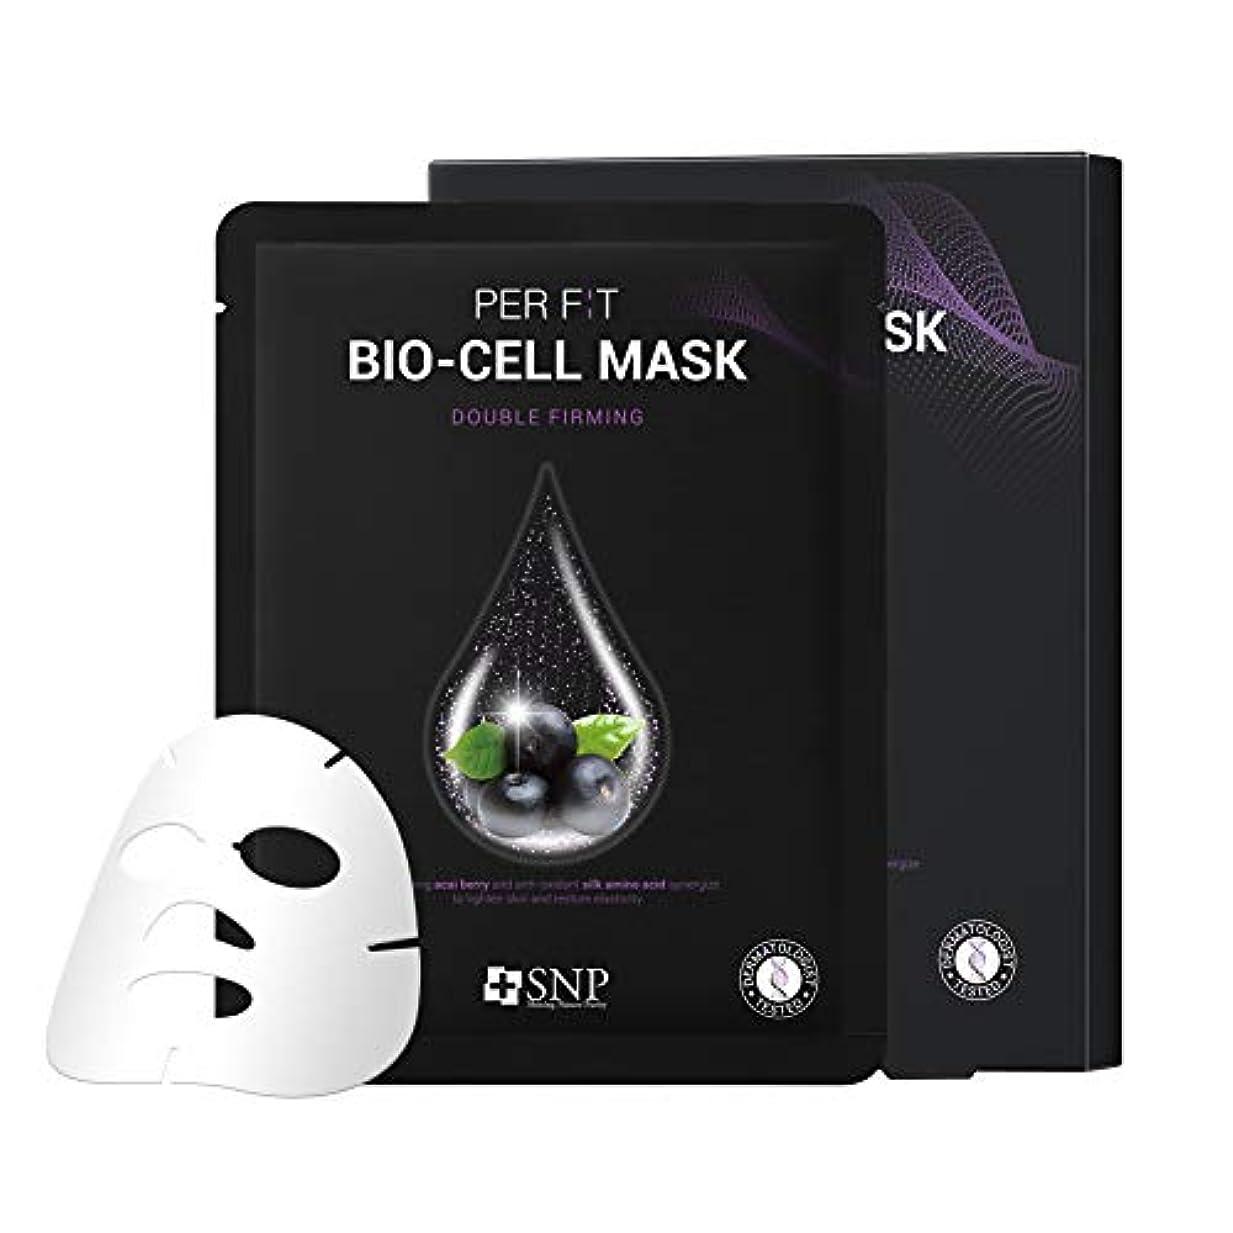 区トランスミッション分離【SNP公式】パーフィット バイオセルマスク ダブルファーミング 5枚セット / PER F:T BIO-CELL MASK DOUBLE FIRMING 韓国パック 韓国コスメ パック マスクパック シートマスク